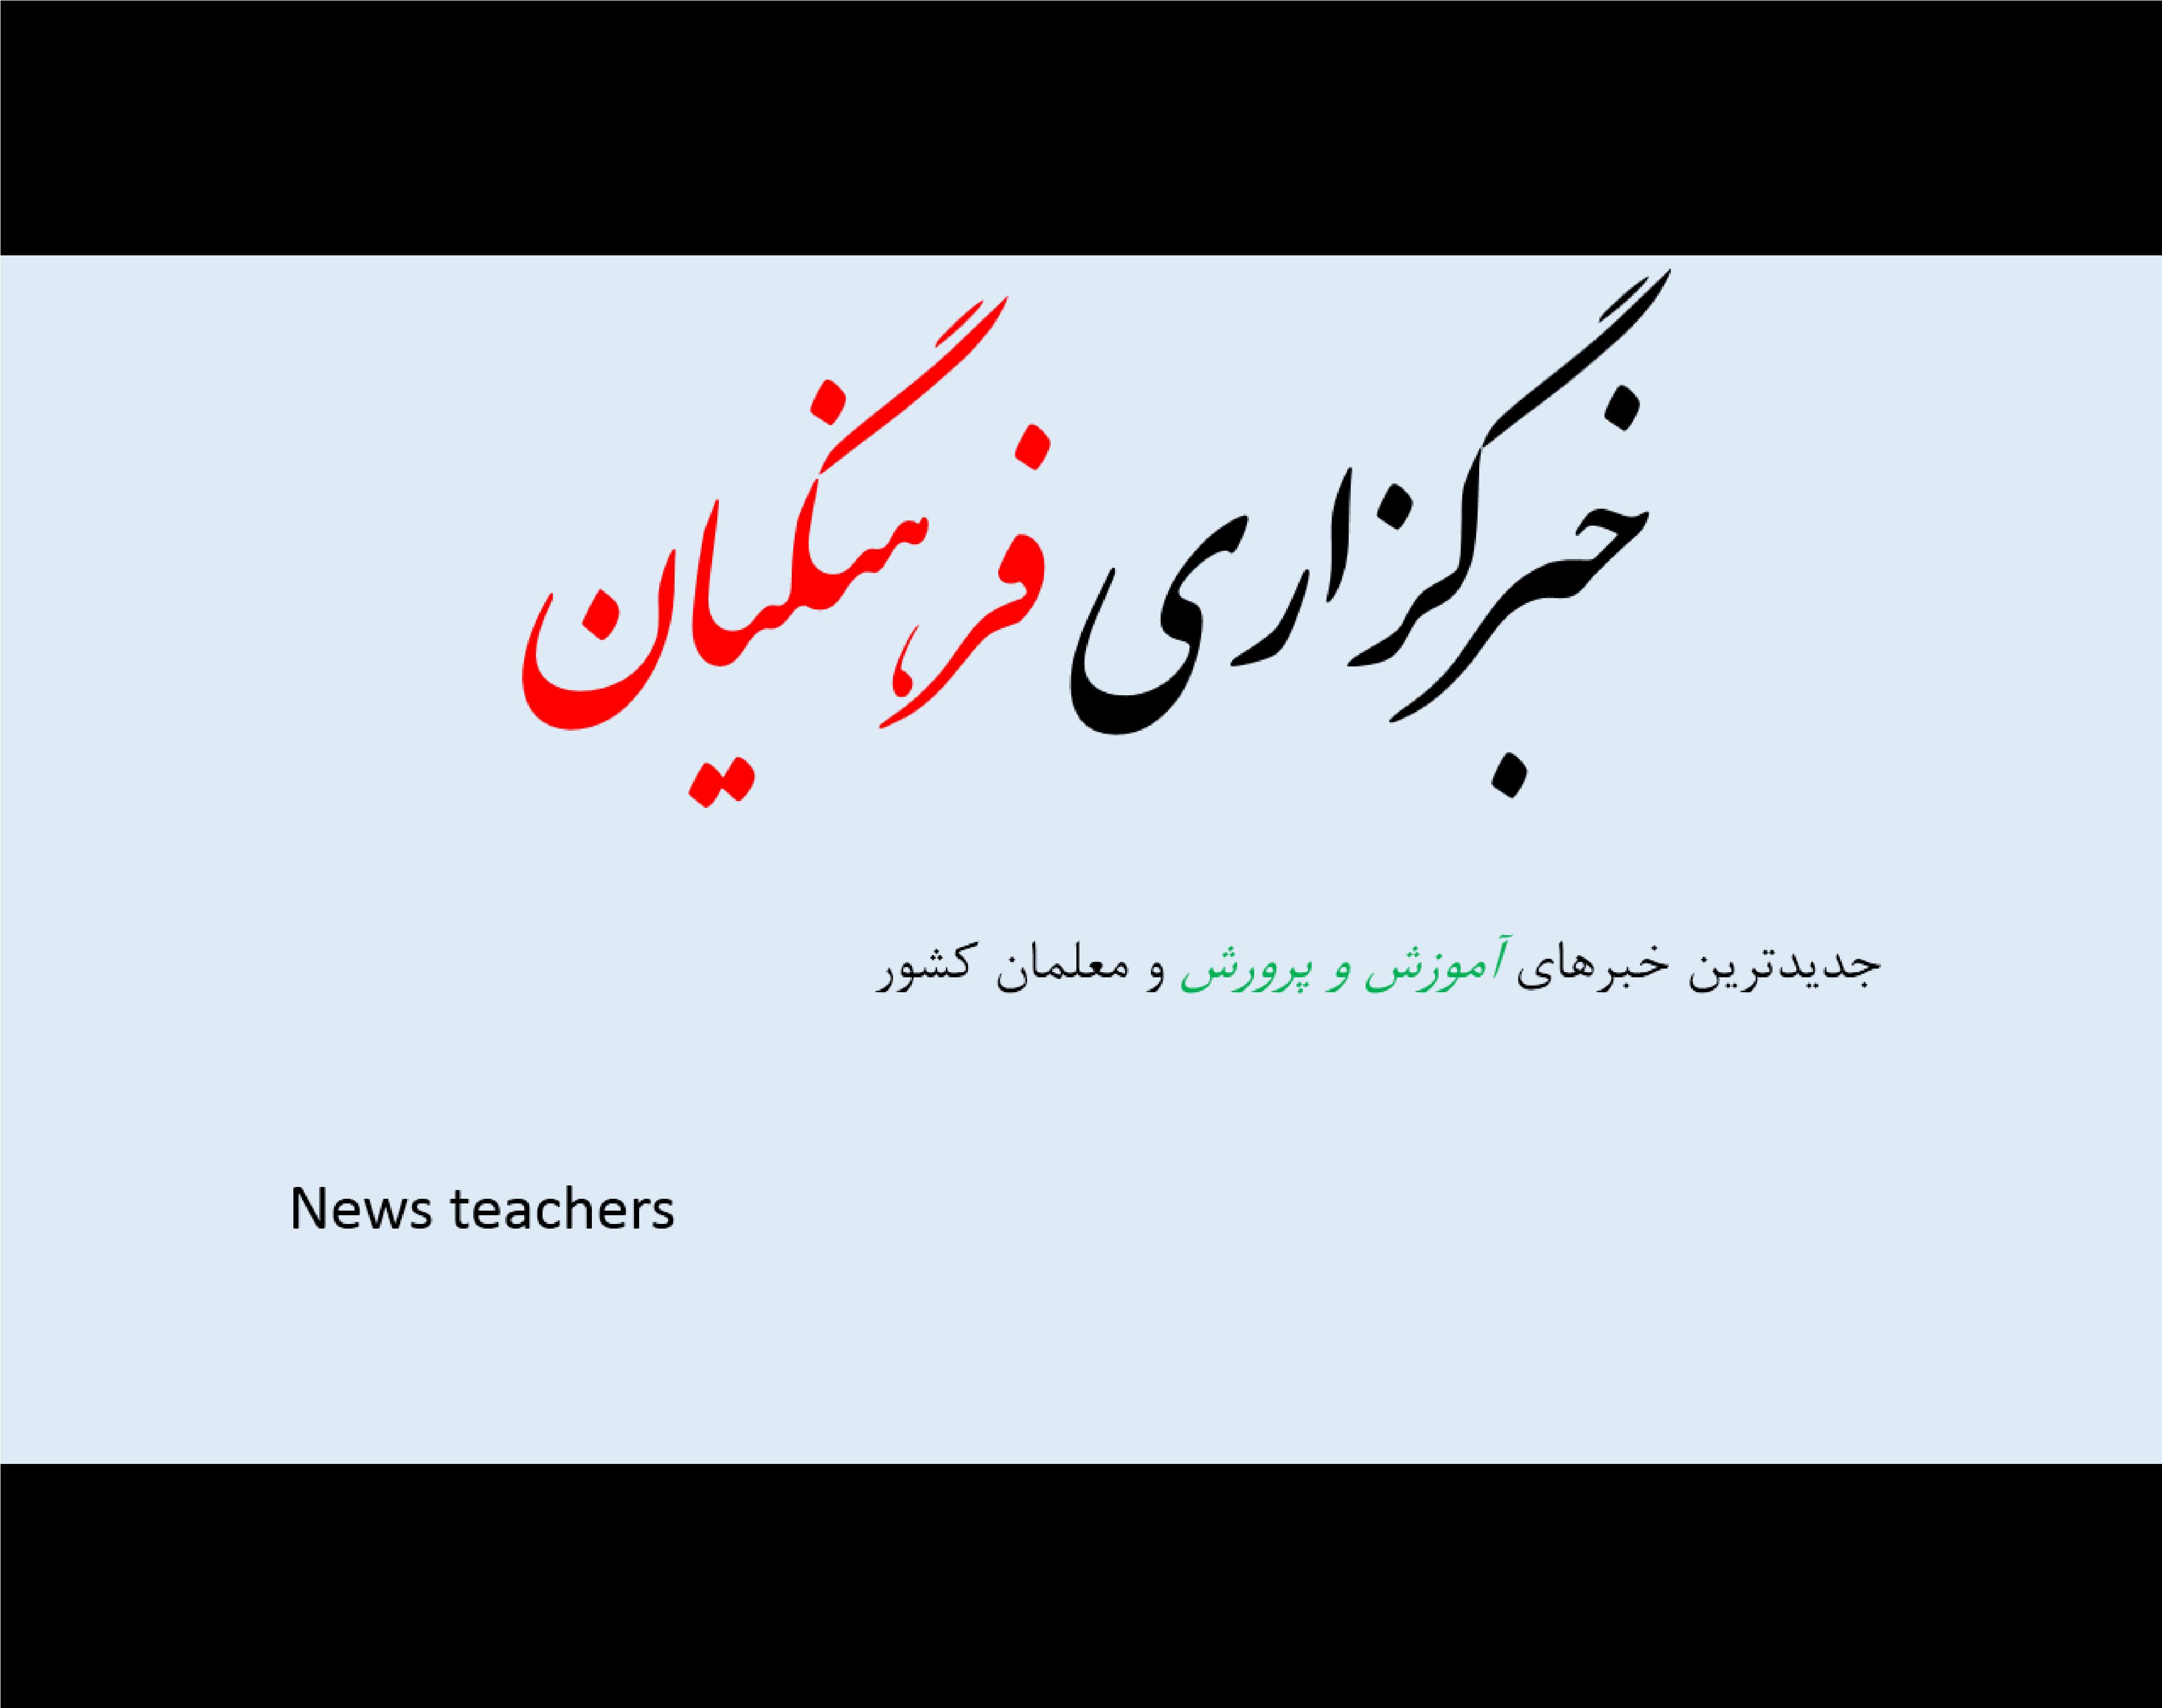 خبرگزاری فرهنگیان